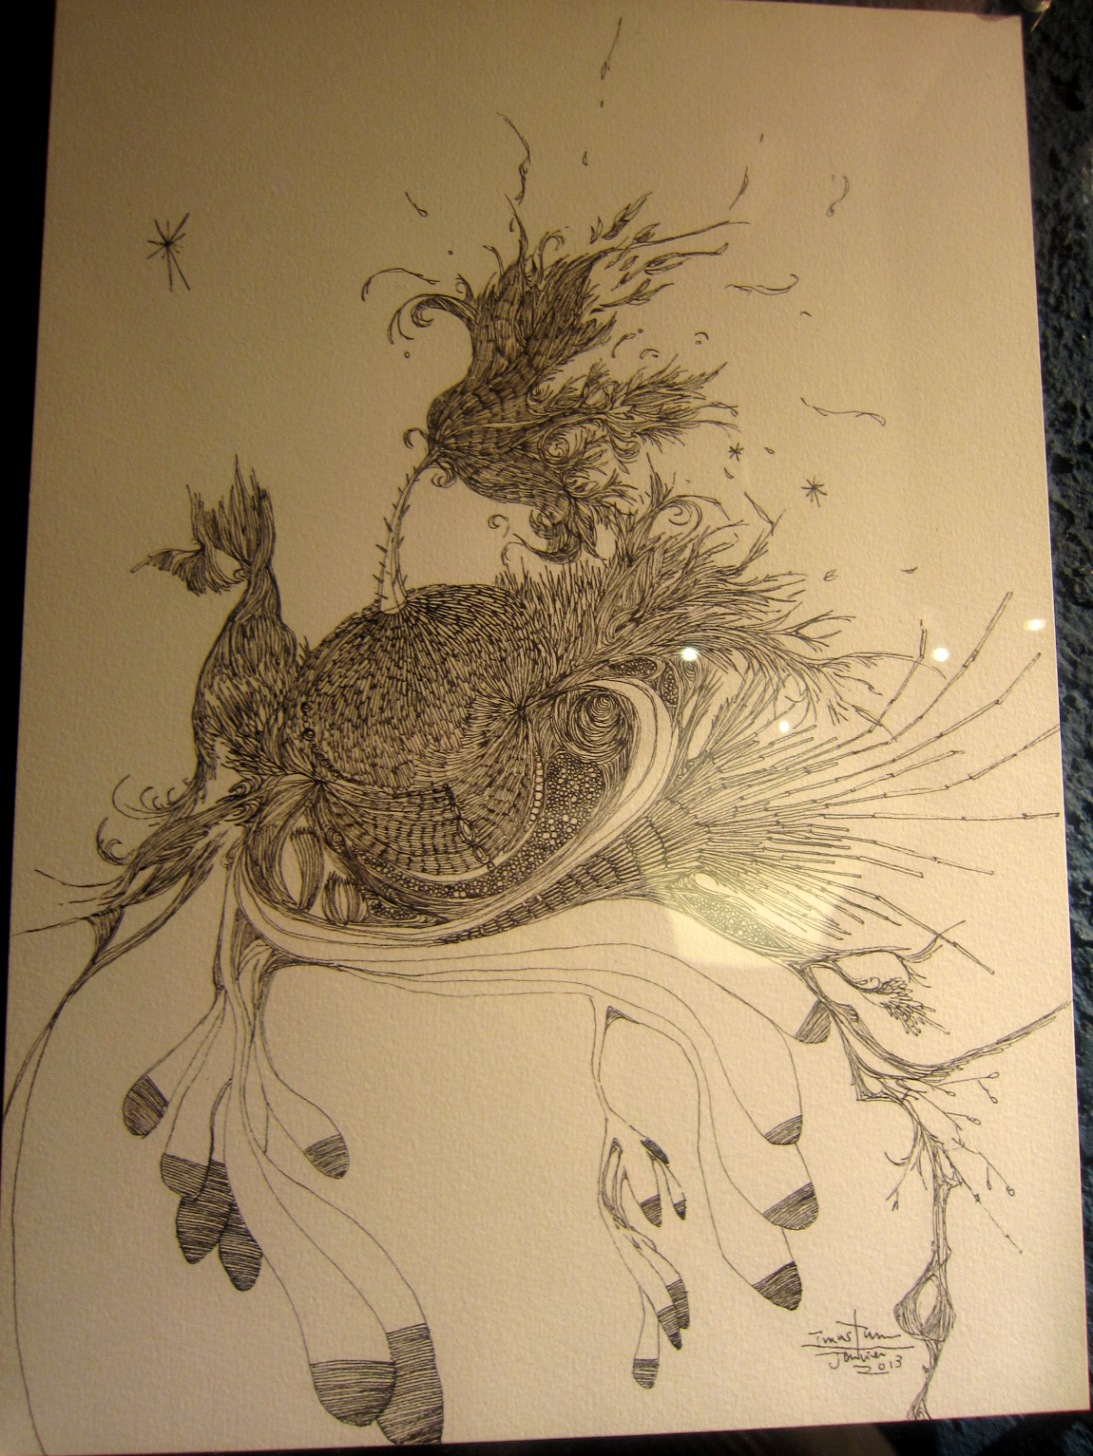 1964)「内山睦 展 『幻想植物譜』」 カフェエスキス 2月14日(木)~3月12日(火)_f0126829_8221946.jpg